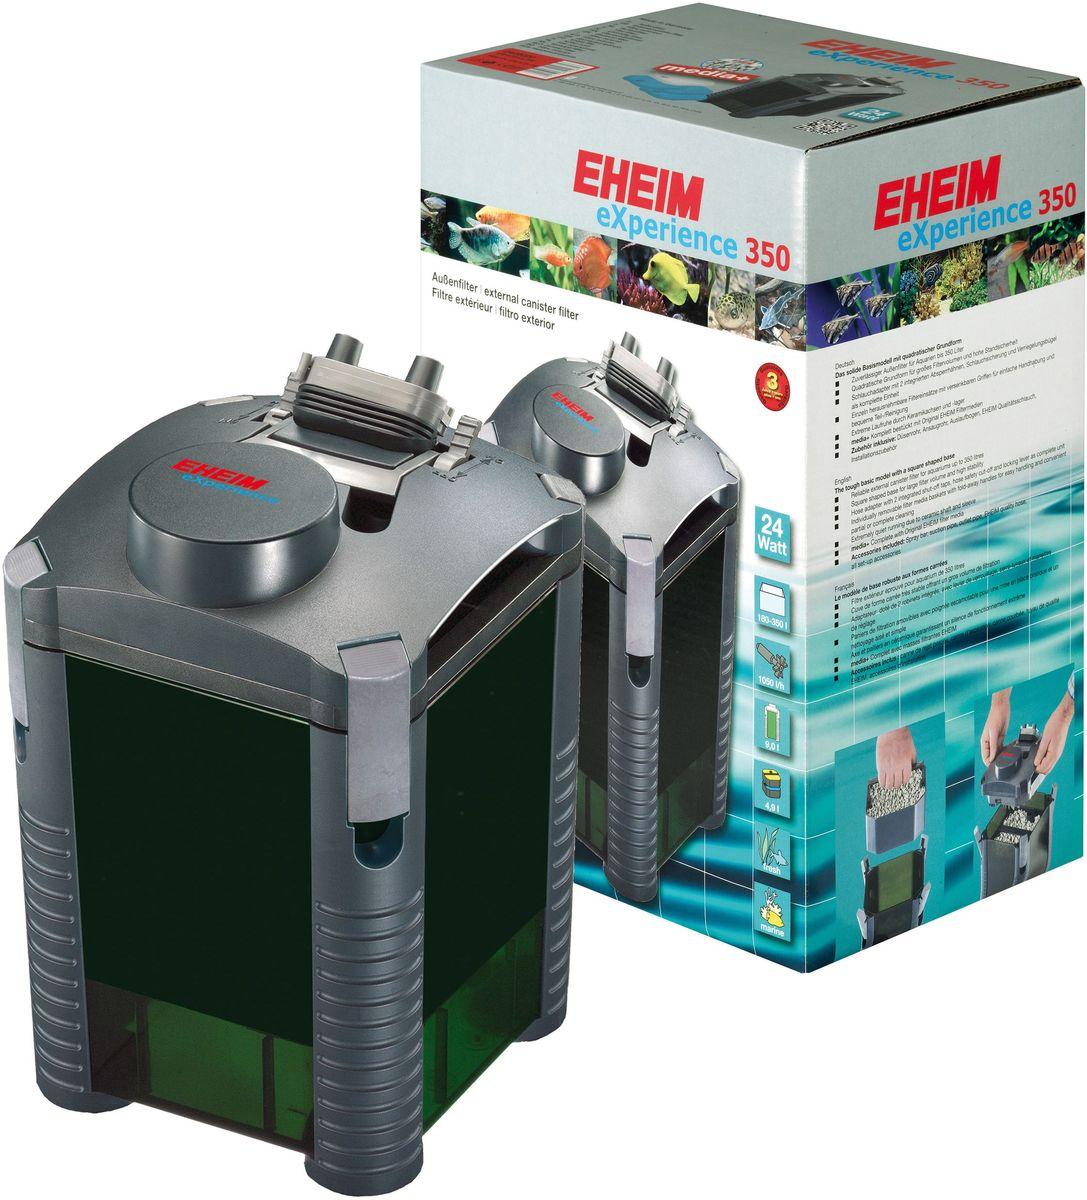 Фильтр внешний Eheim Experience 3502426020Прочная базовая модель квадратной формы для фильтров большого обьема и высокой устойчивости. Съёмный адаптер для шланга со встроенными запорными кранами,защитным покрытием шланга и прижимной скобой в виде единого блока. Отдельно съёмные корзины для наполнителей с выдвижными ручками для удобства при перемещении и удобной частичной/полной очистки.